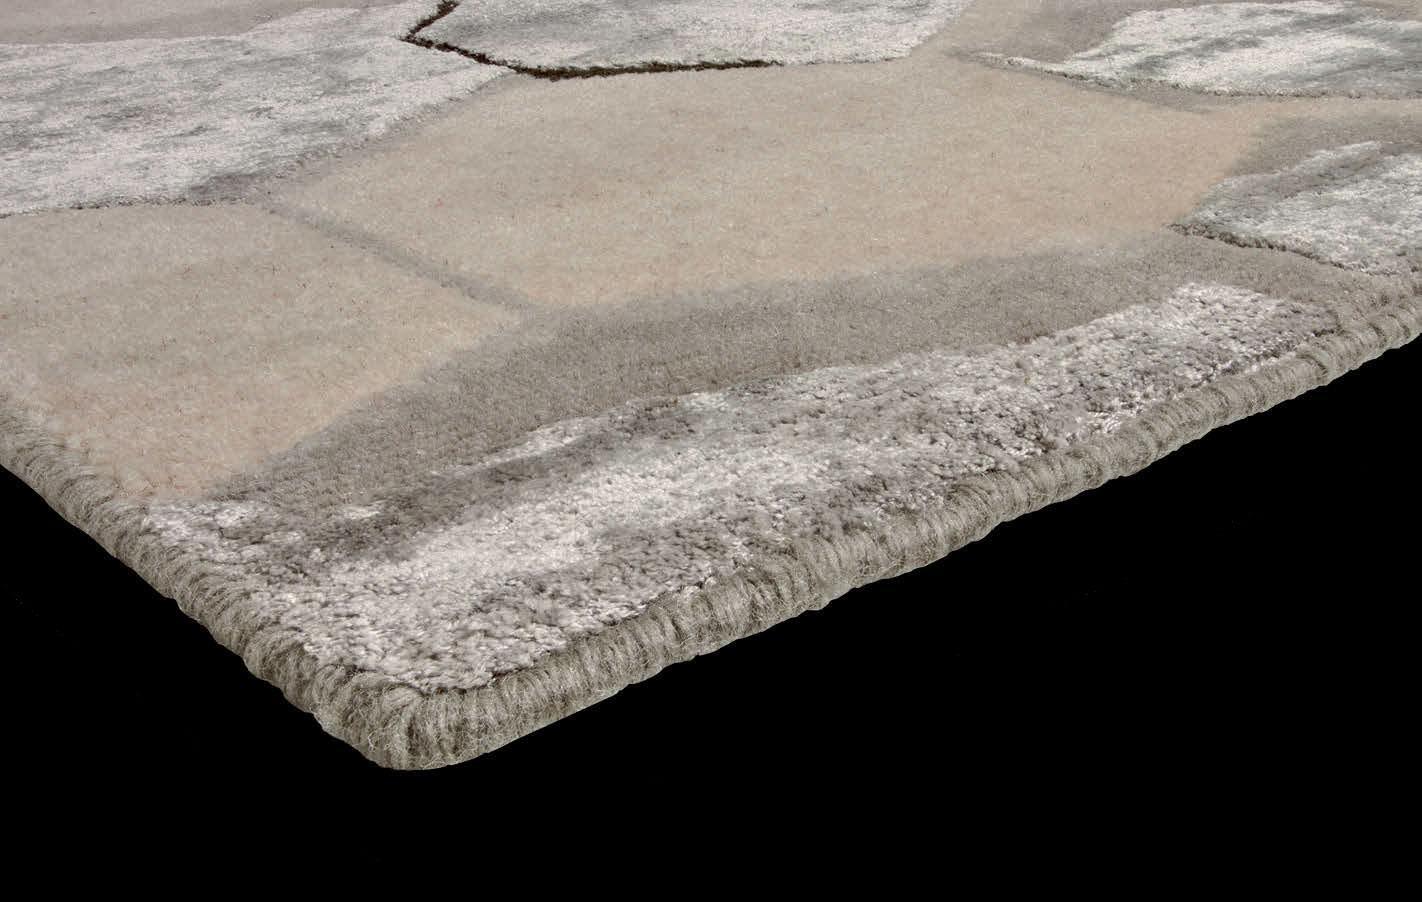 tappeto rettangolare spesso annodato a mano grande geometrico lavabile moderno morbido misura lana texture sabbia